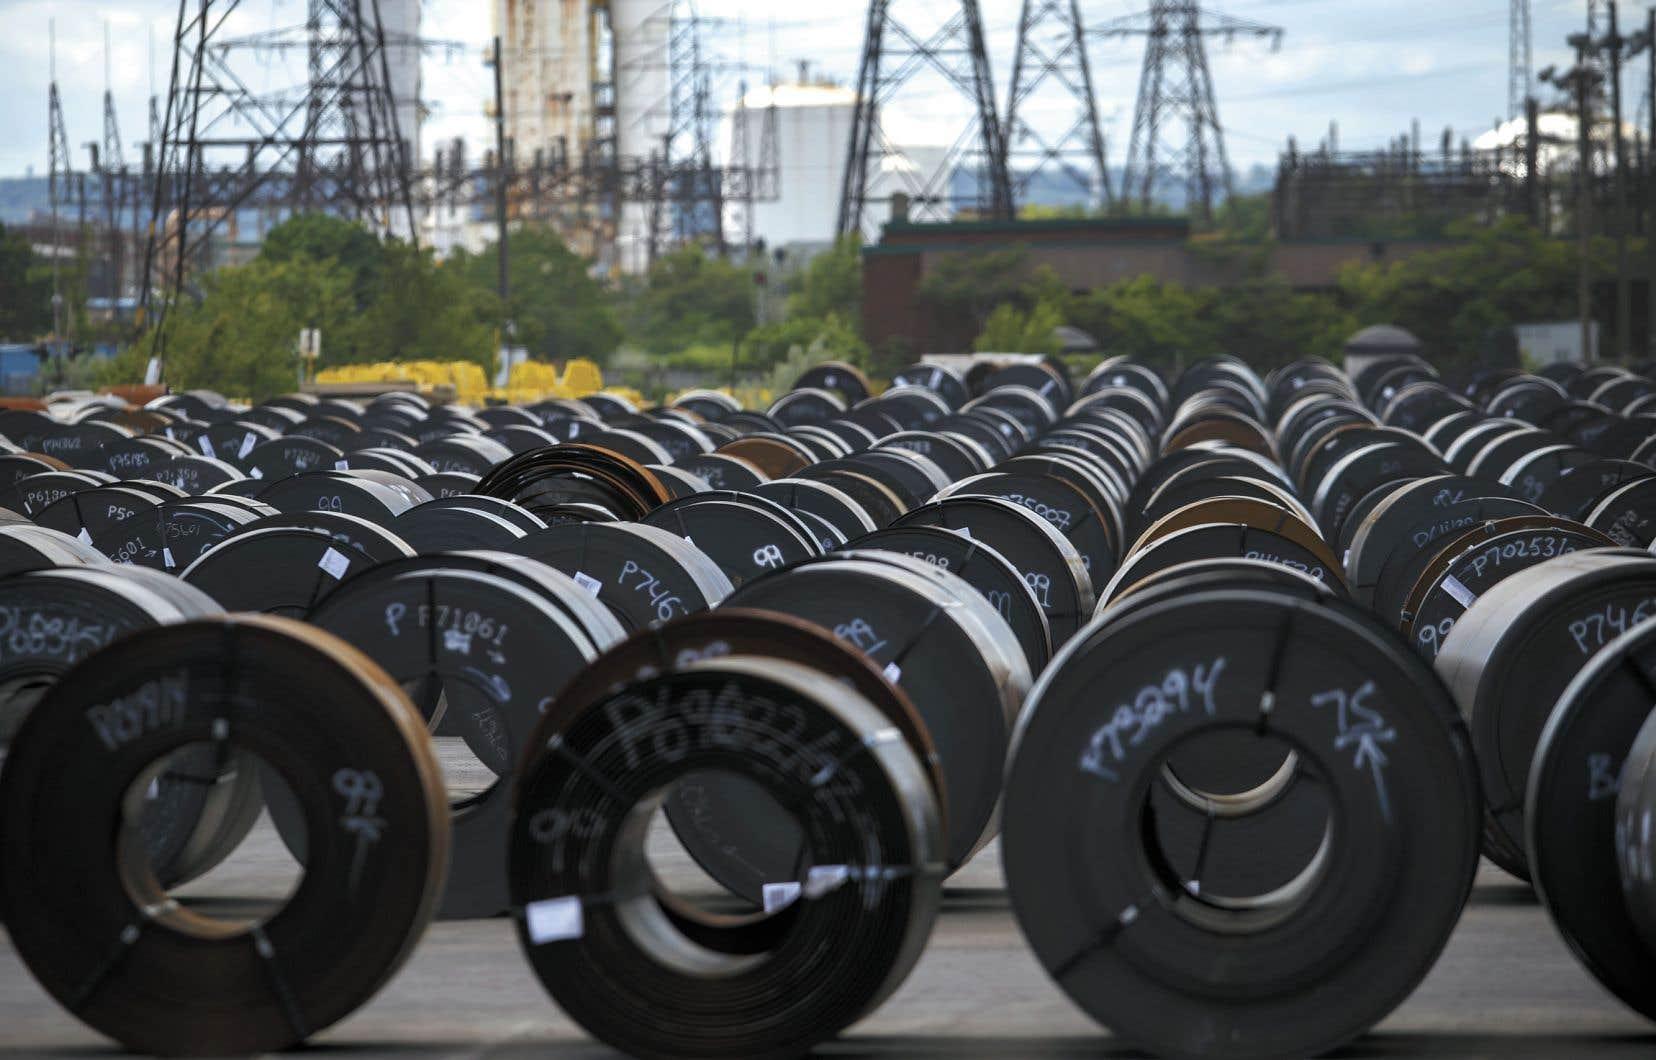 Le président américain, Donald Trump, avait décidé, il y a presque un an, d'imposer un tarif de 25% sur les importations aux États-Unis d'acier canadien et de 10% sur les importations d'aluminium canadien.